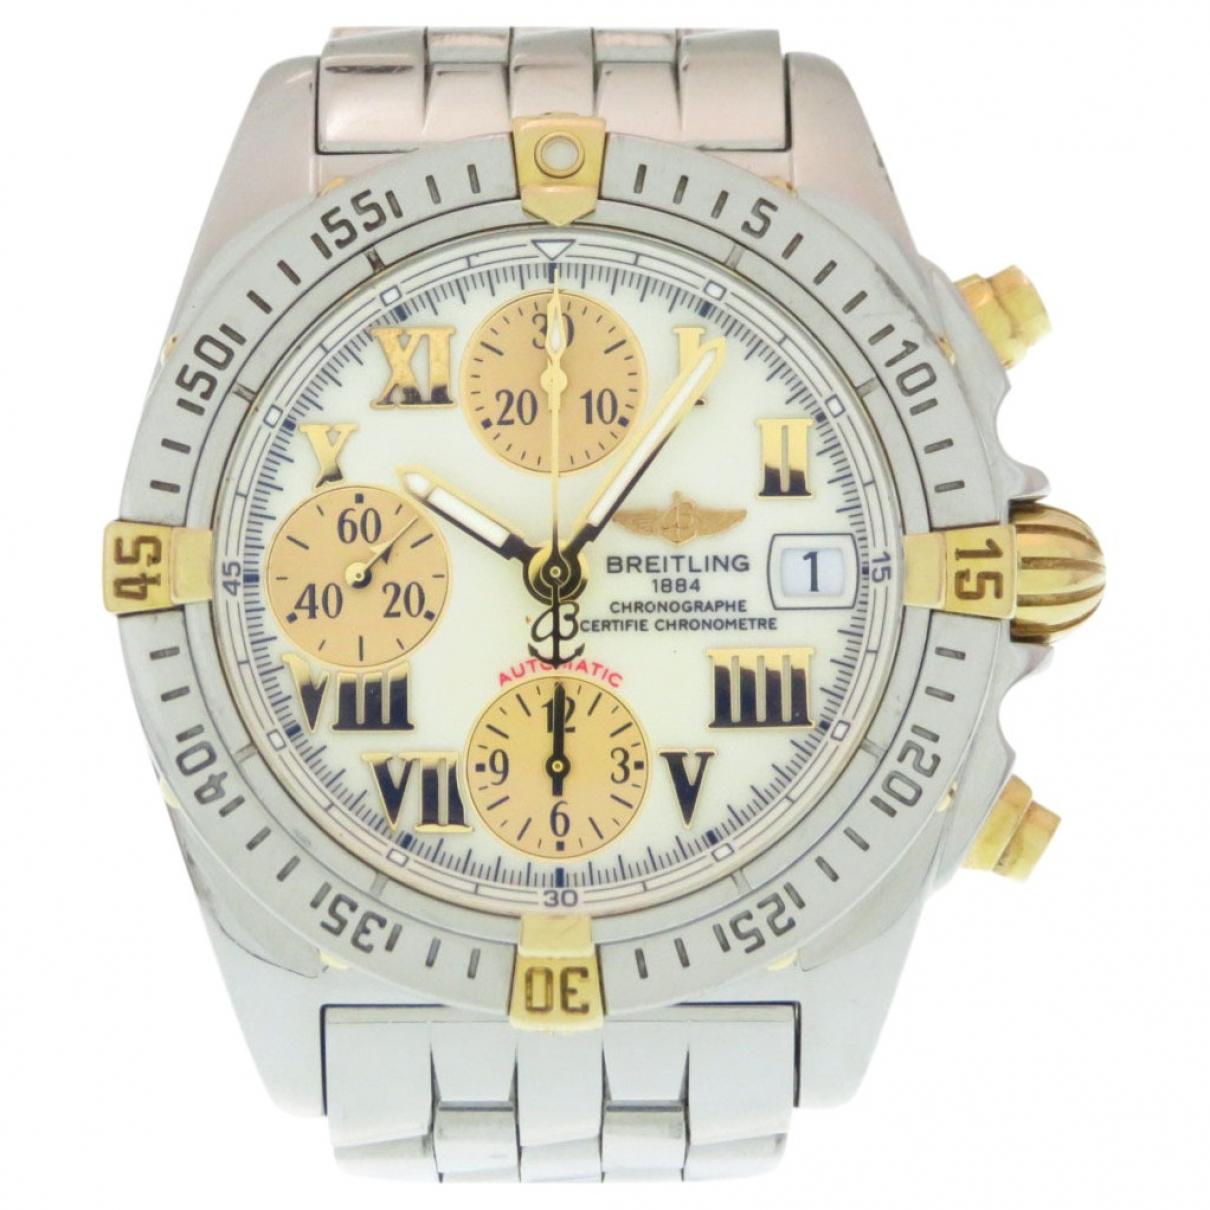 Breitling \N Uhr in  Weiss Gold und Stahl